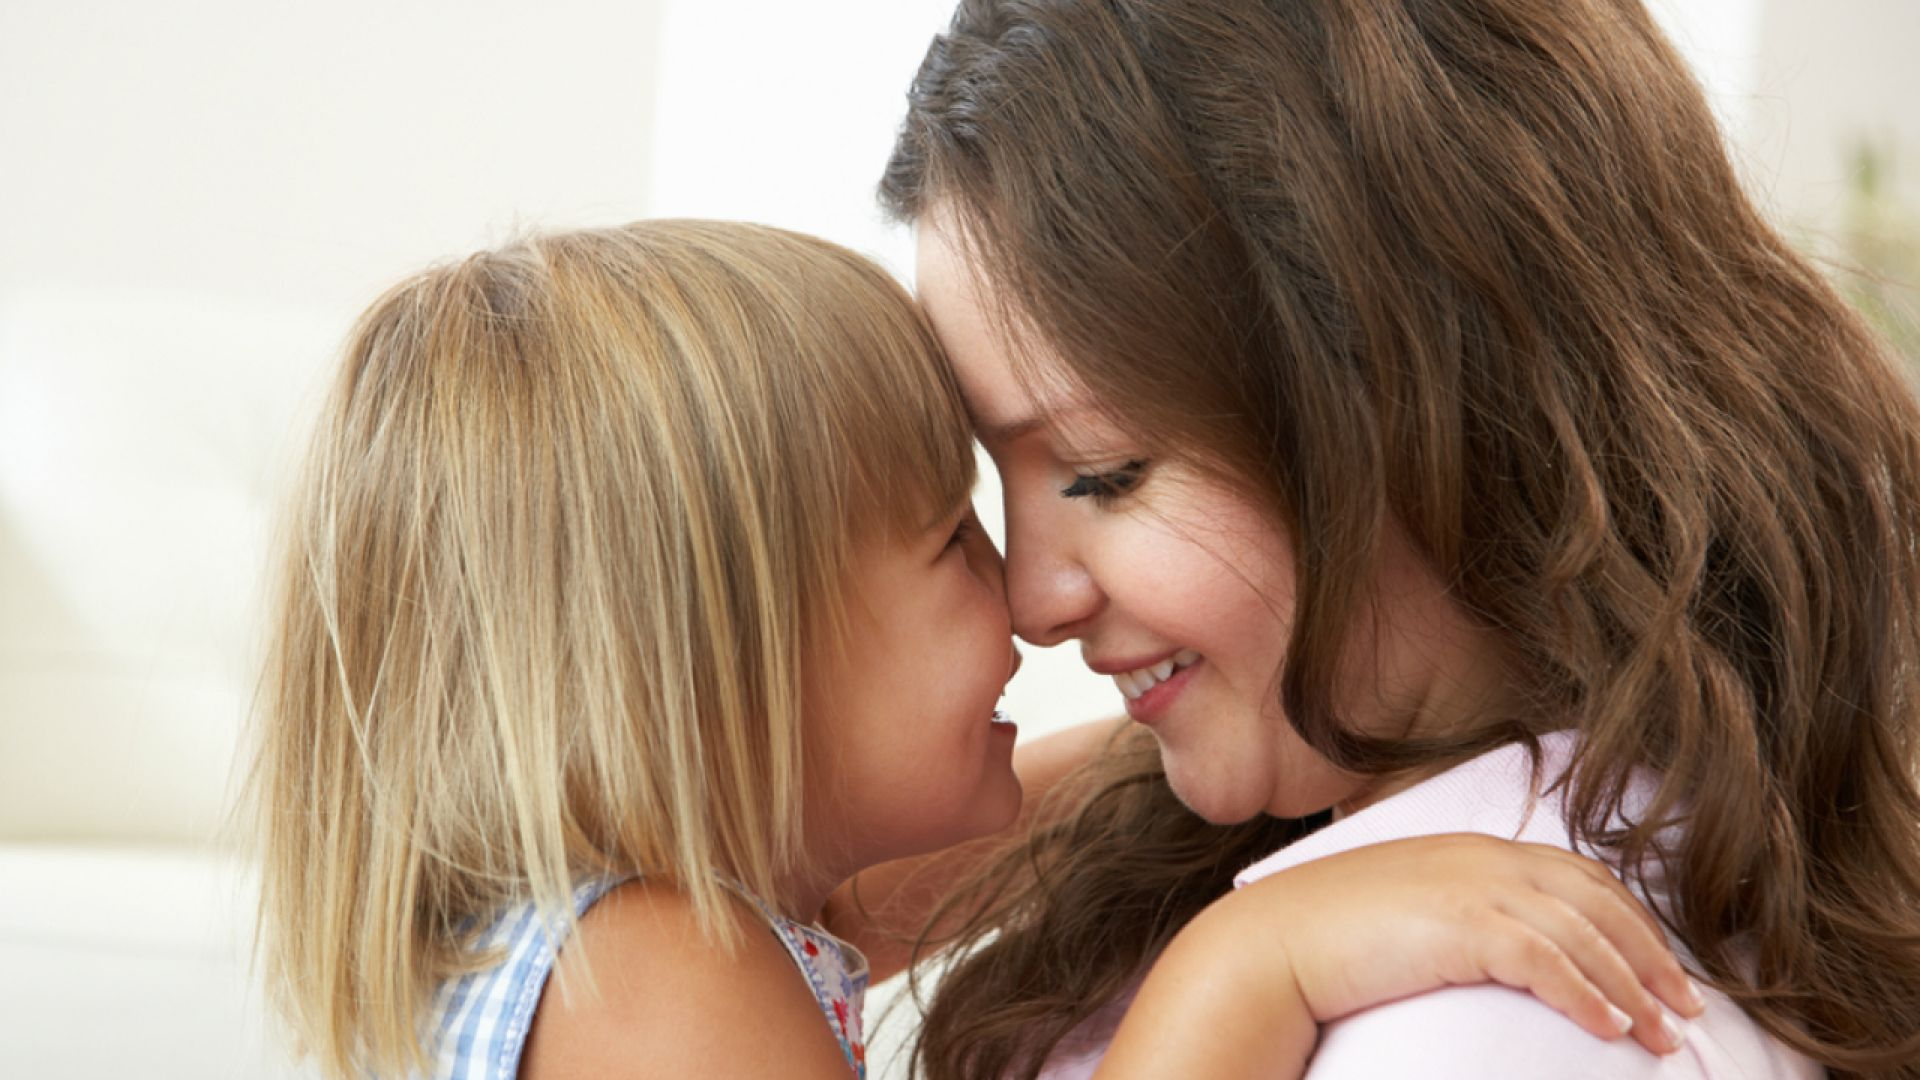 Смотреть секс мама дочка, В инцест видео мамы с дочкой есть место и соблазну 18 фотография